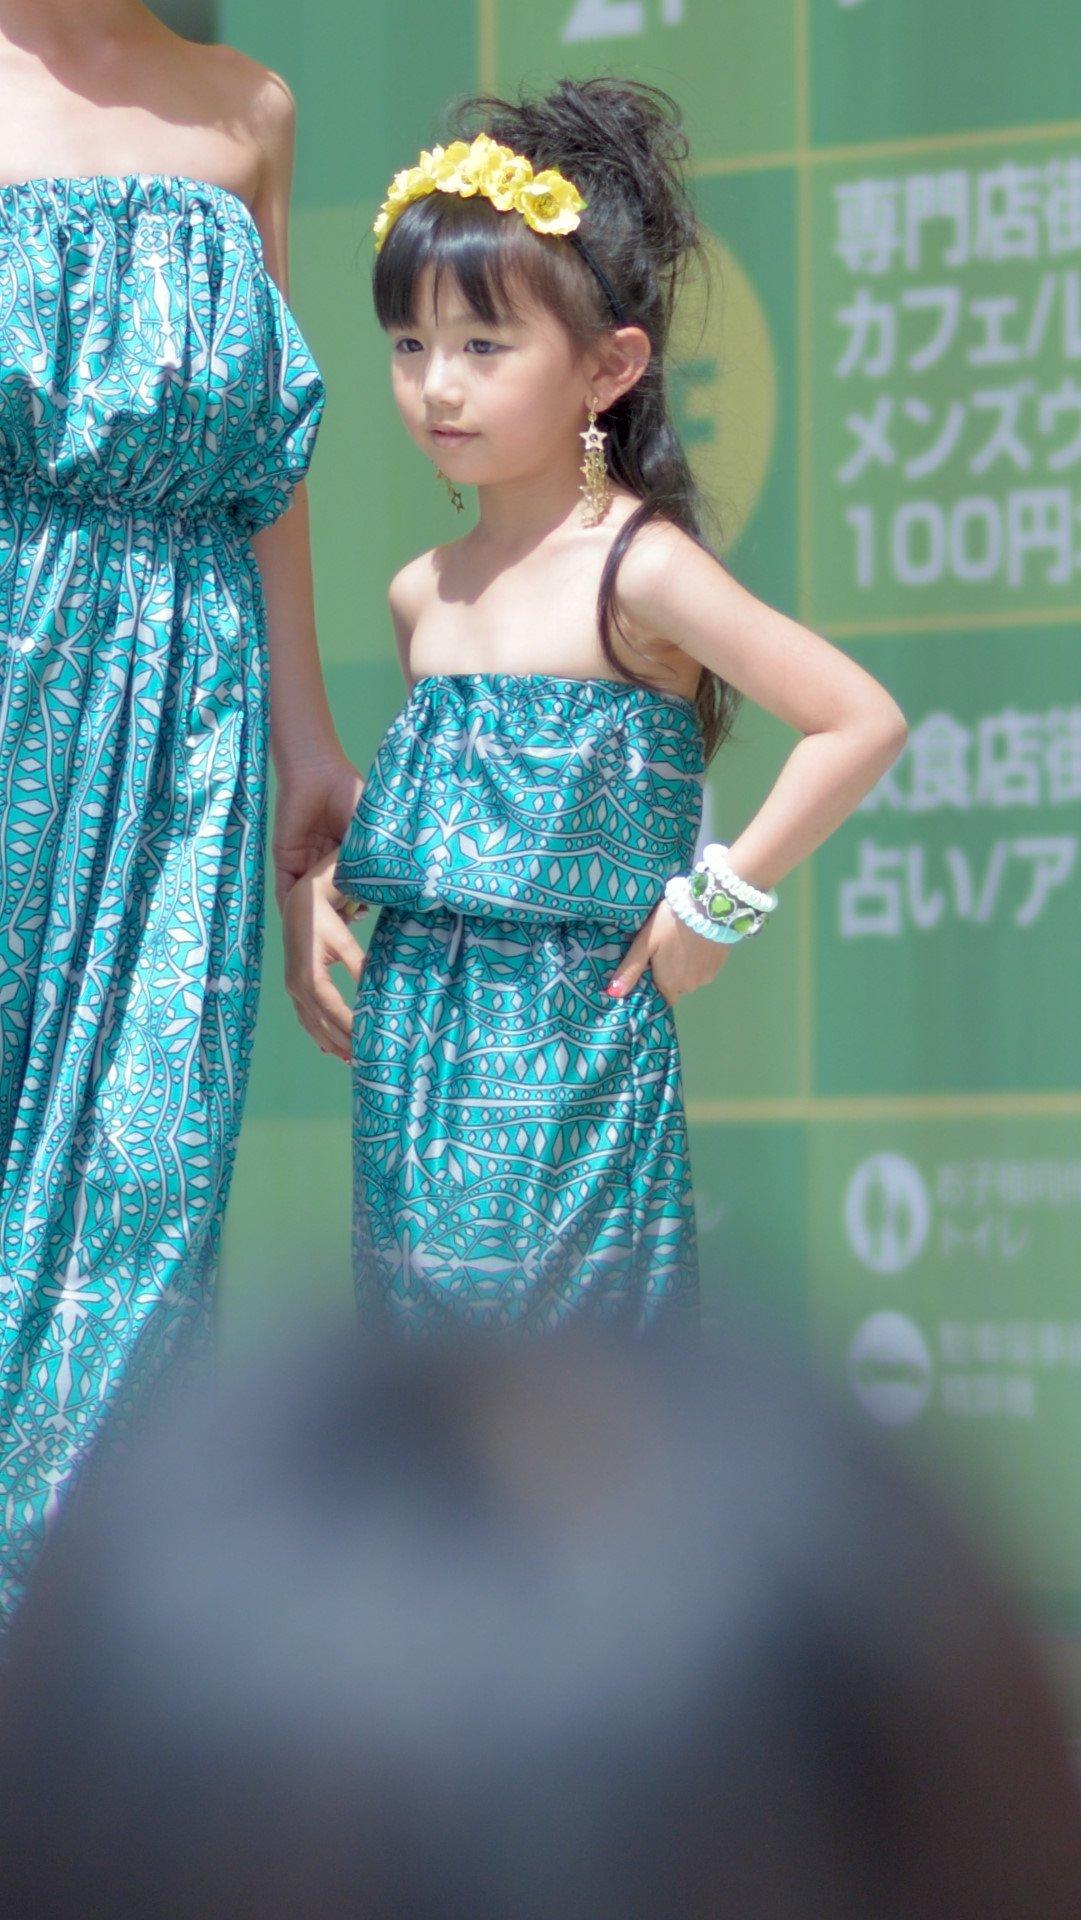 思わずムラッとしたU-15画像 62ムラ目 [無断転載禁止]©2ch.net